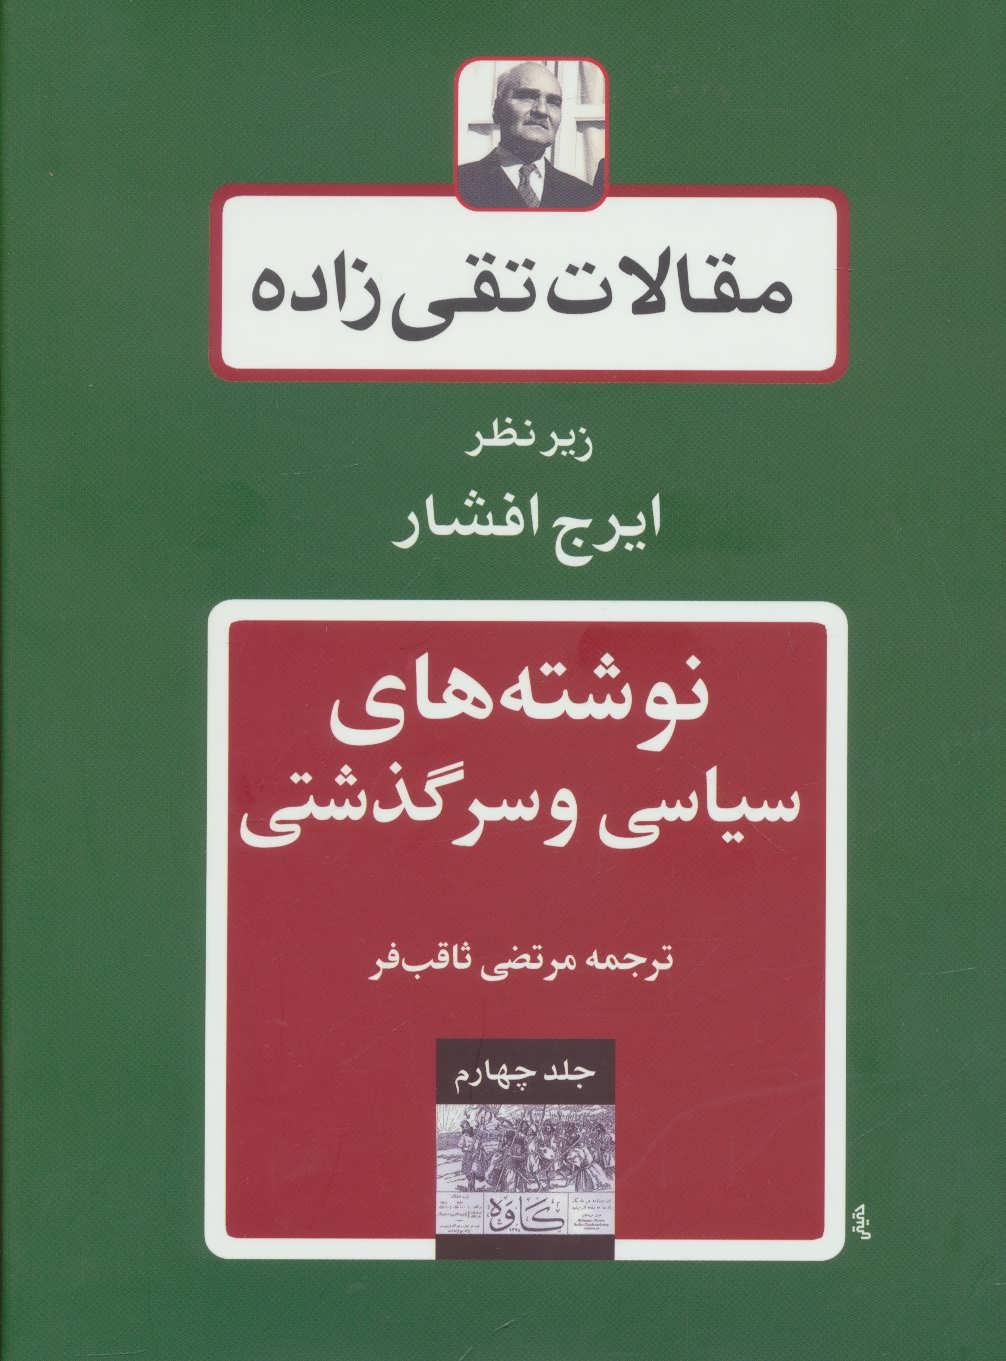 مقالات تقی زاده 4 (نوشته های سیاسی و سرگذشتی)